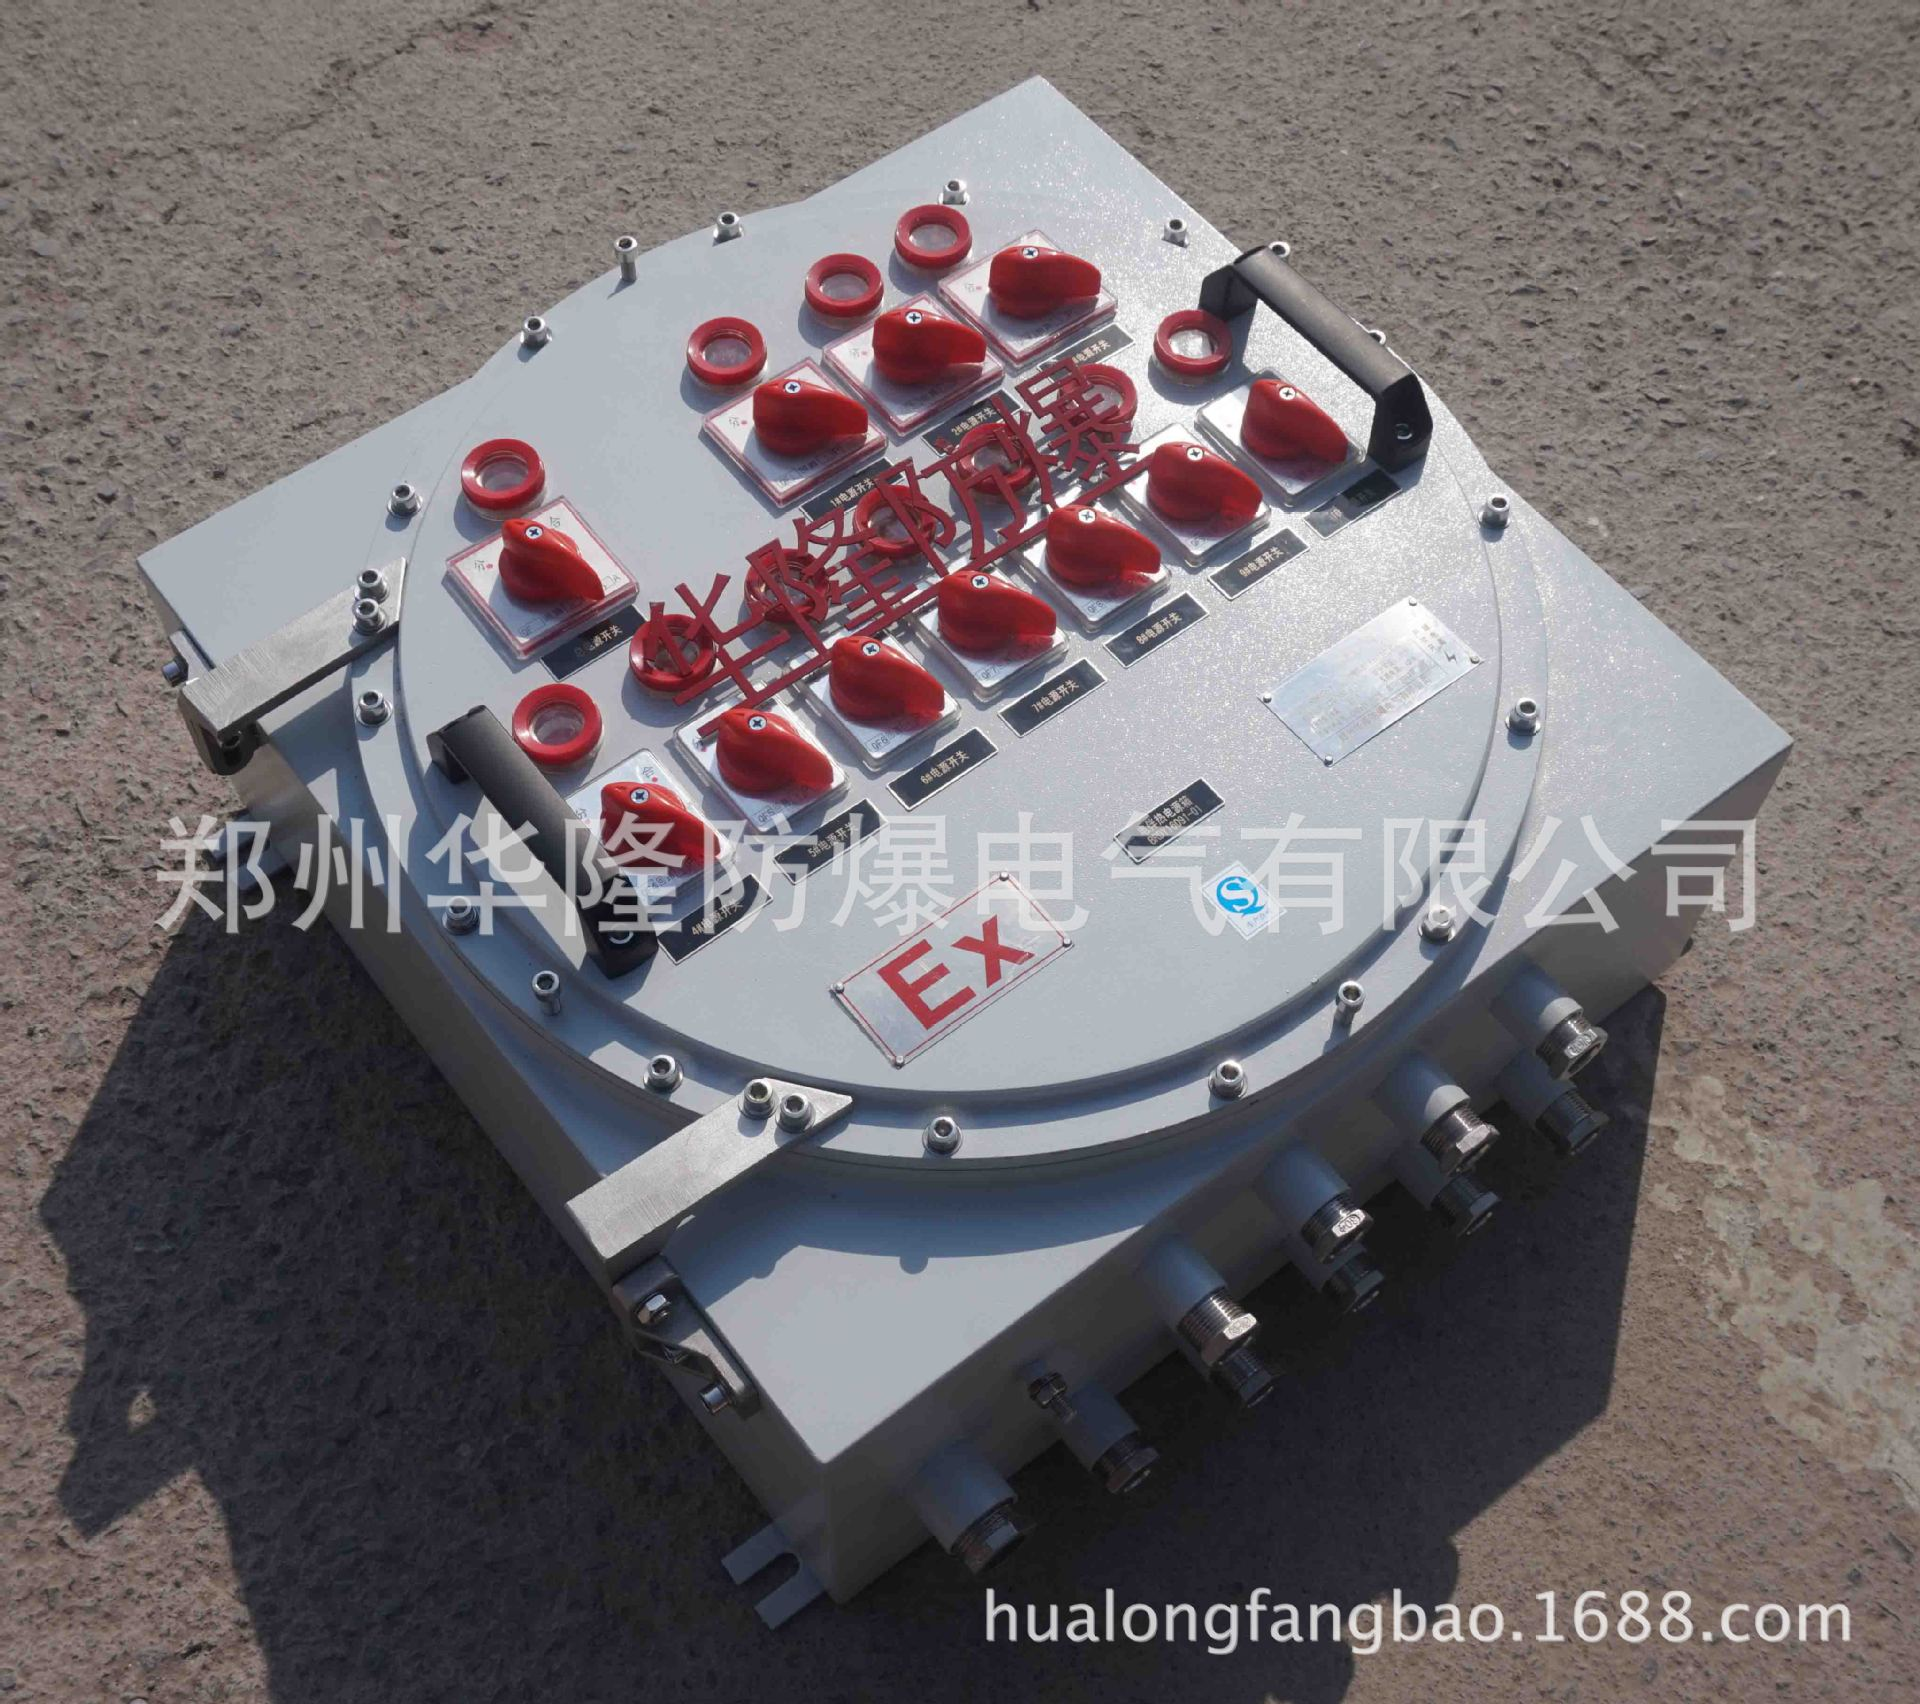 304/316 nổ thùng thép không gỉ thép với các nhà sản xuất hộp phân phối hộp gỡ bom nổ.